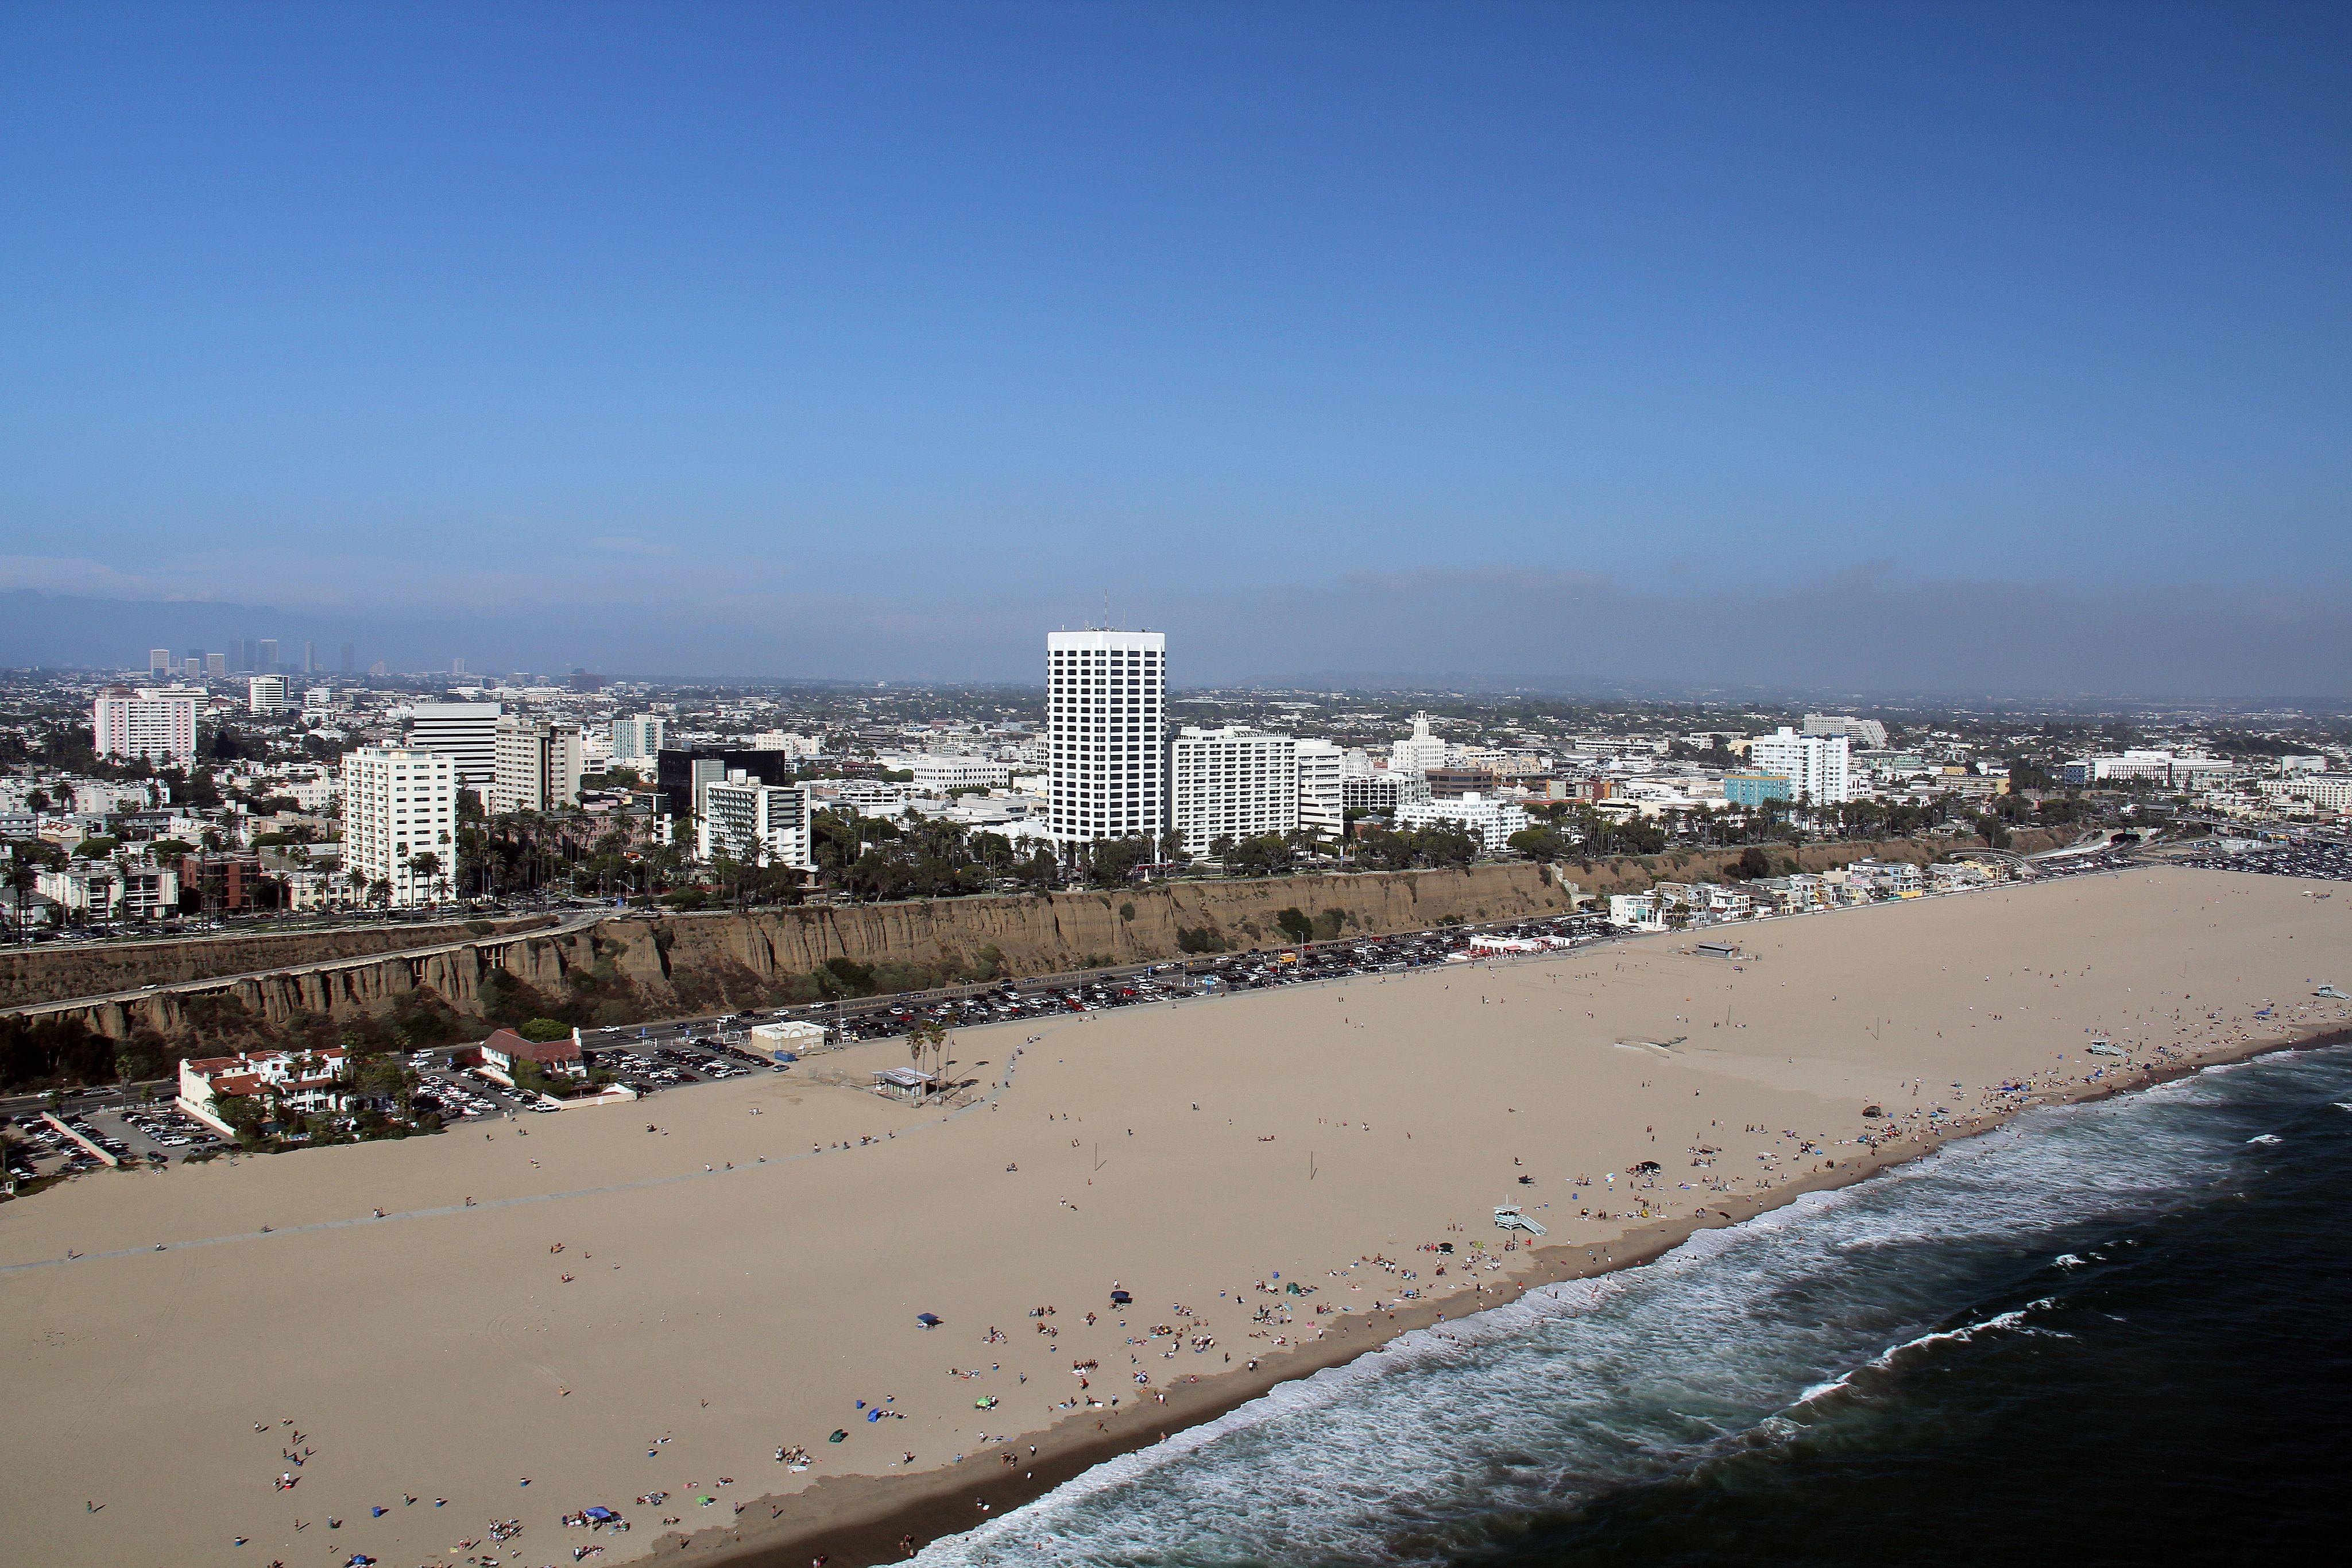 Toma aérea de la playa de Santa Mónica